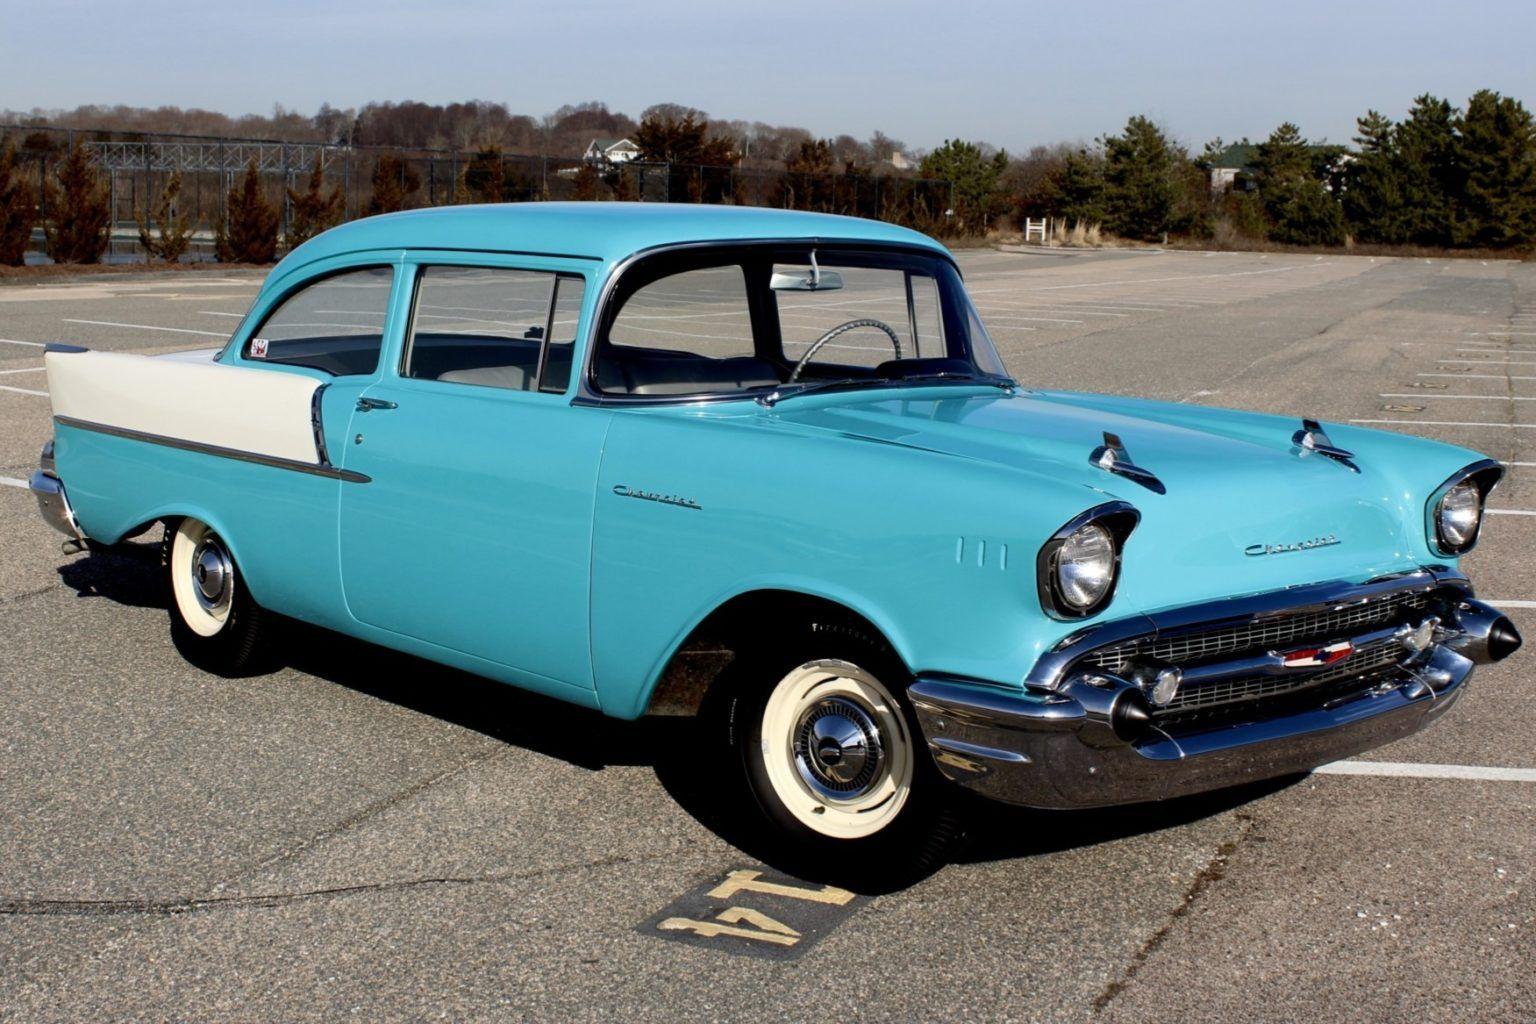 1957 Chevrolet 150 2 Door Sedan 5 Speed In 2020 1957 Chevrolet